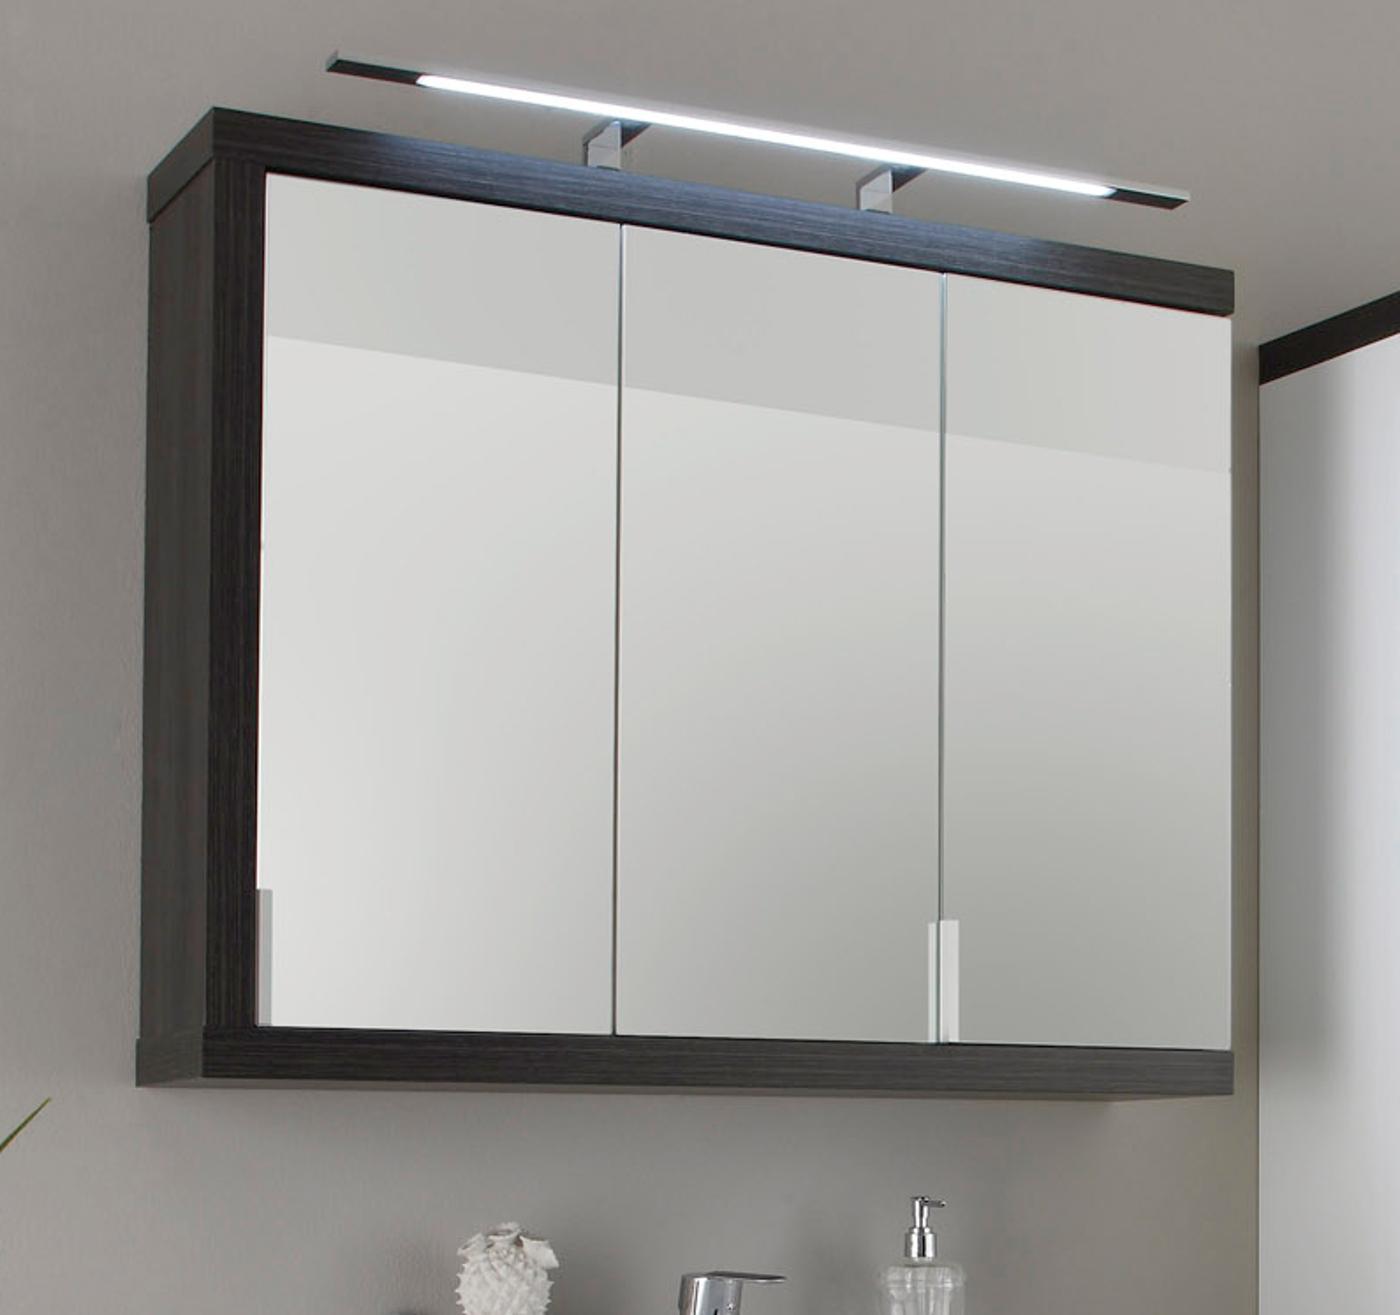 """Badezimmer: Spiegelschrank """"Sunrise"""" rauchsilber, grau, 11-türig (11x11 cm)"""